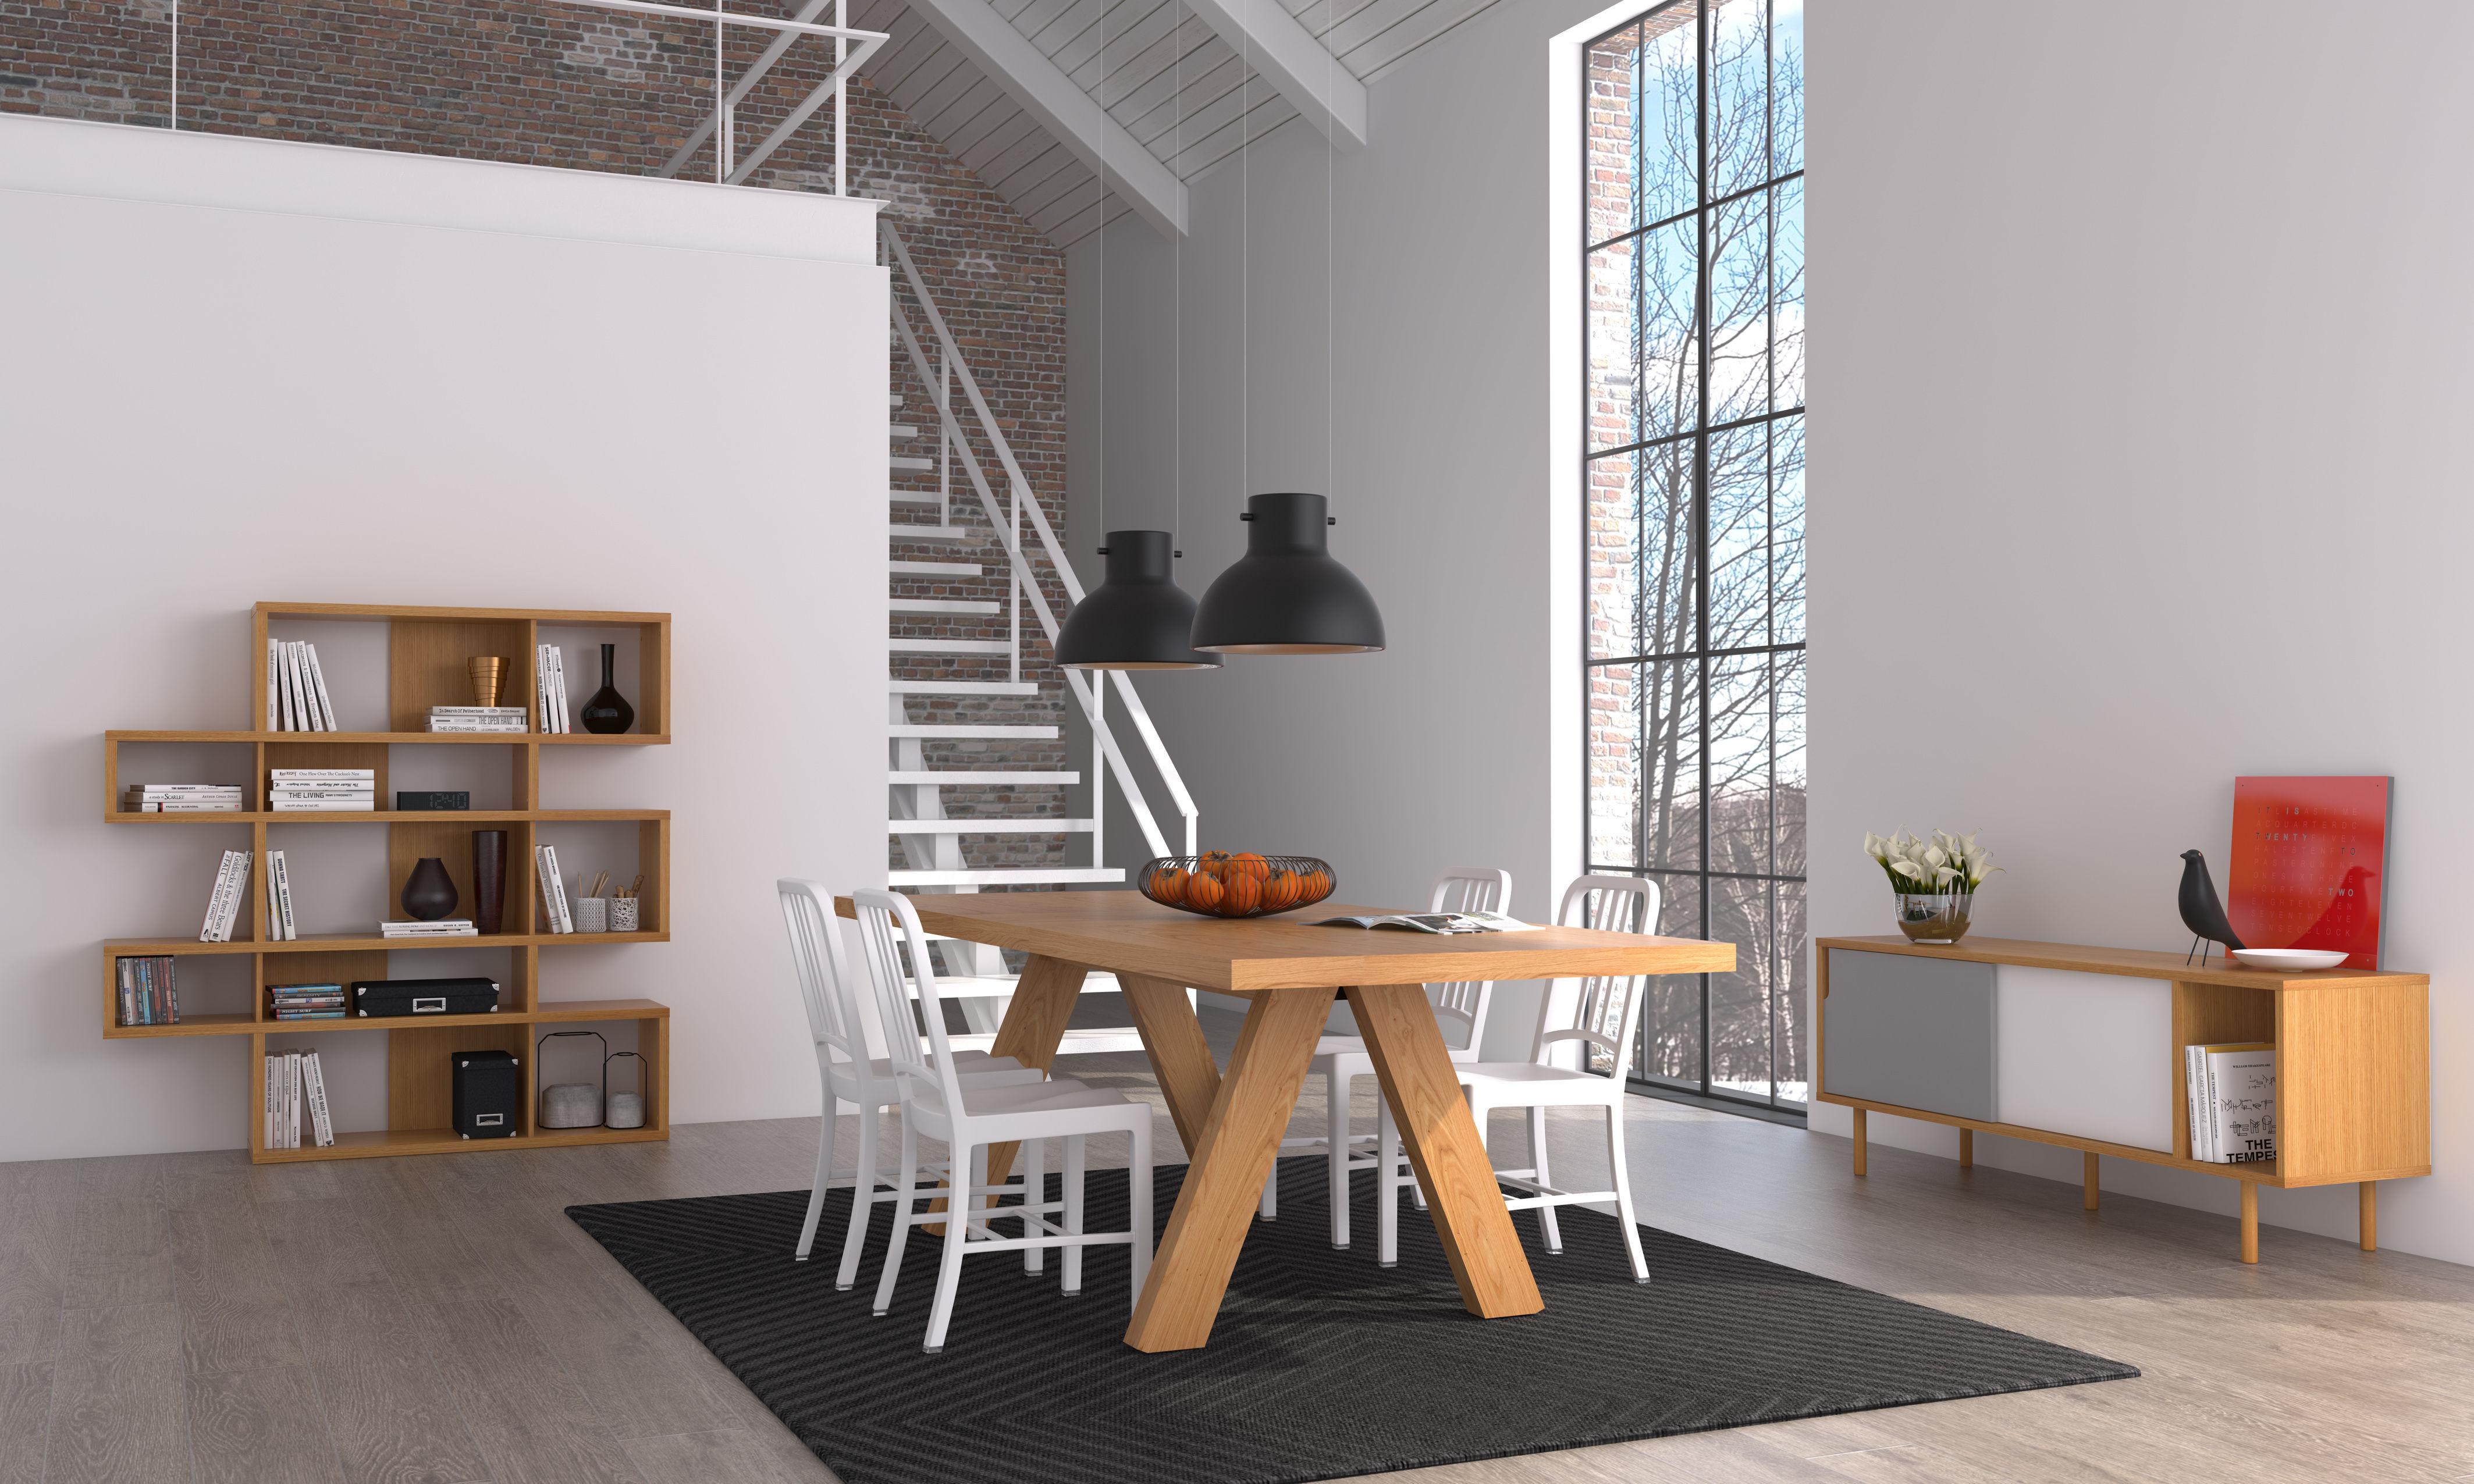 Scopri Tavolo Oak 200 X 100 Cm Quercia Di Pop Up Home